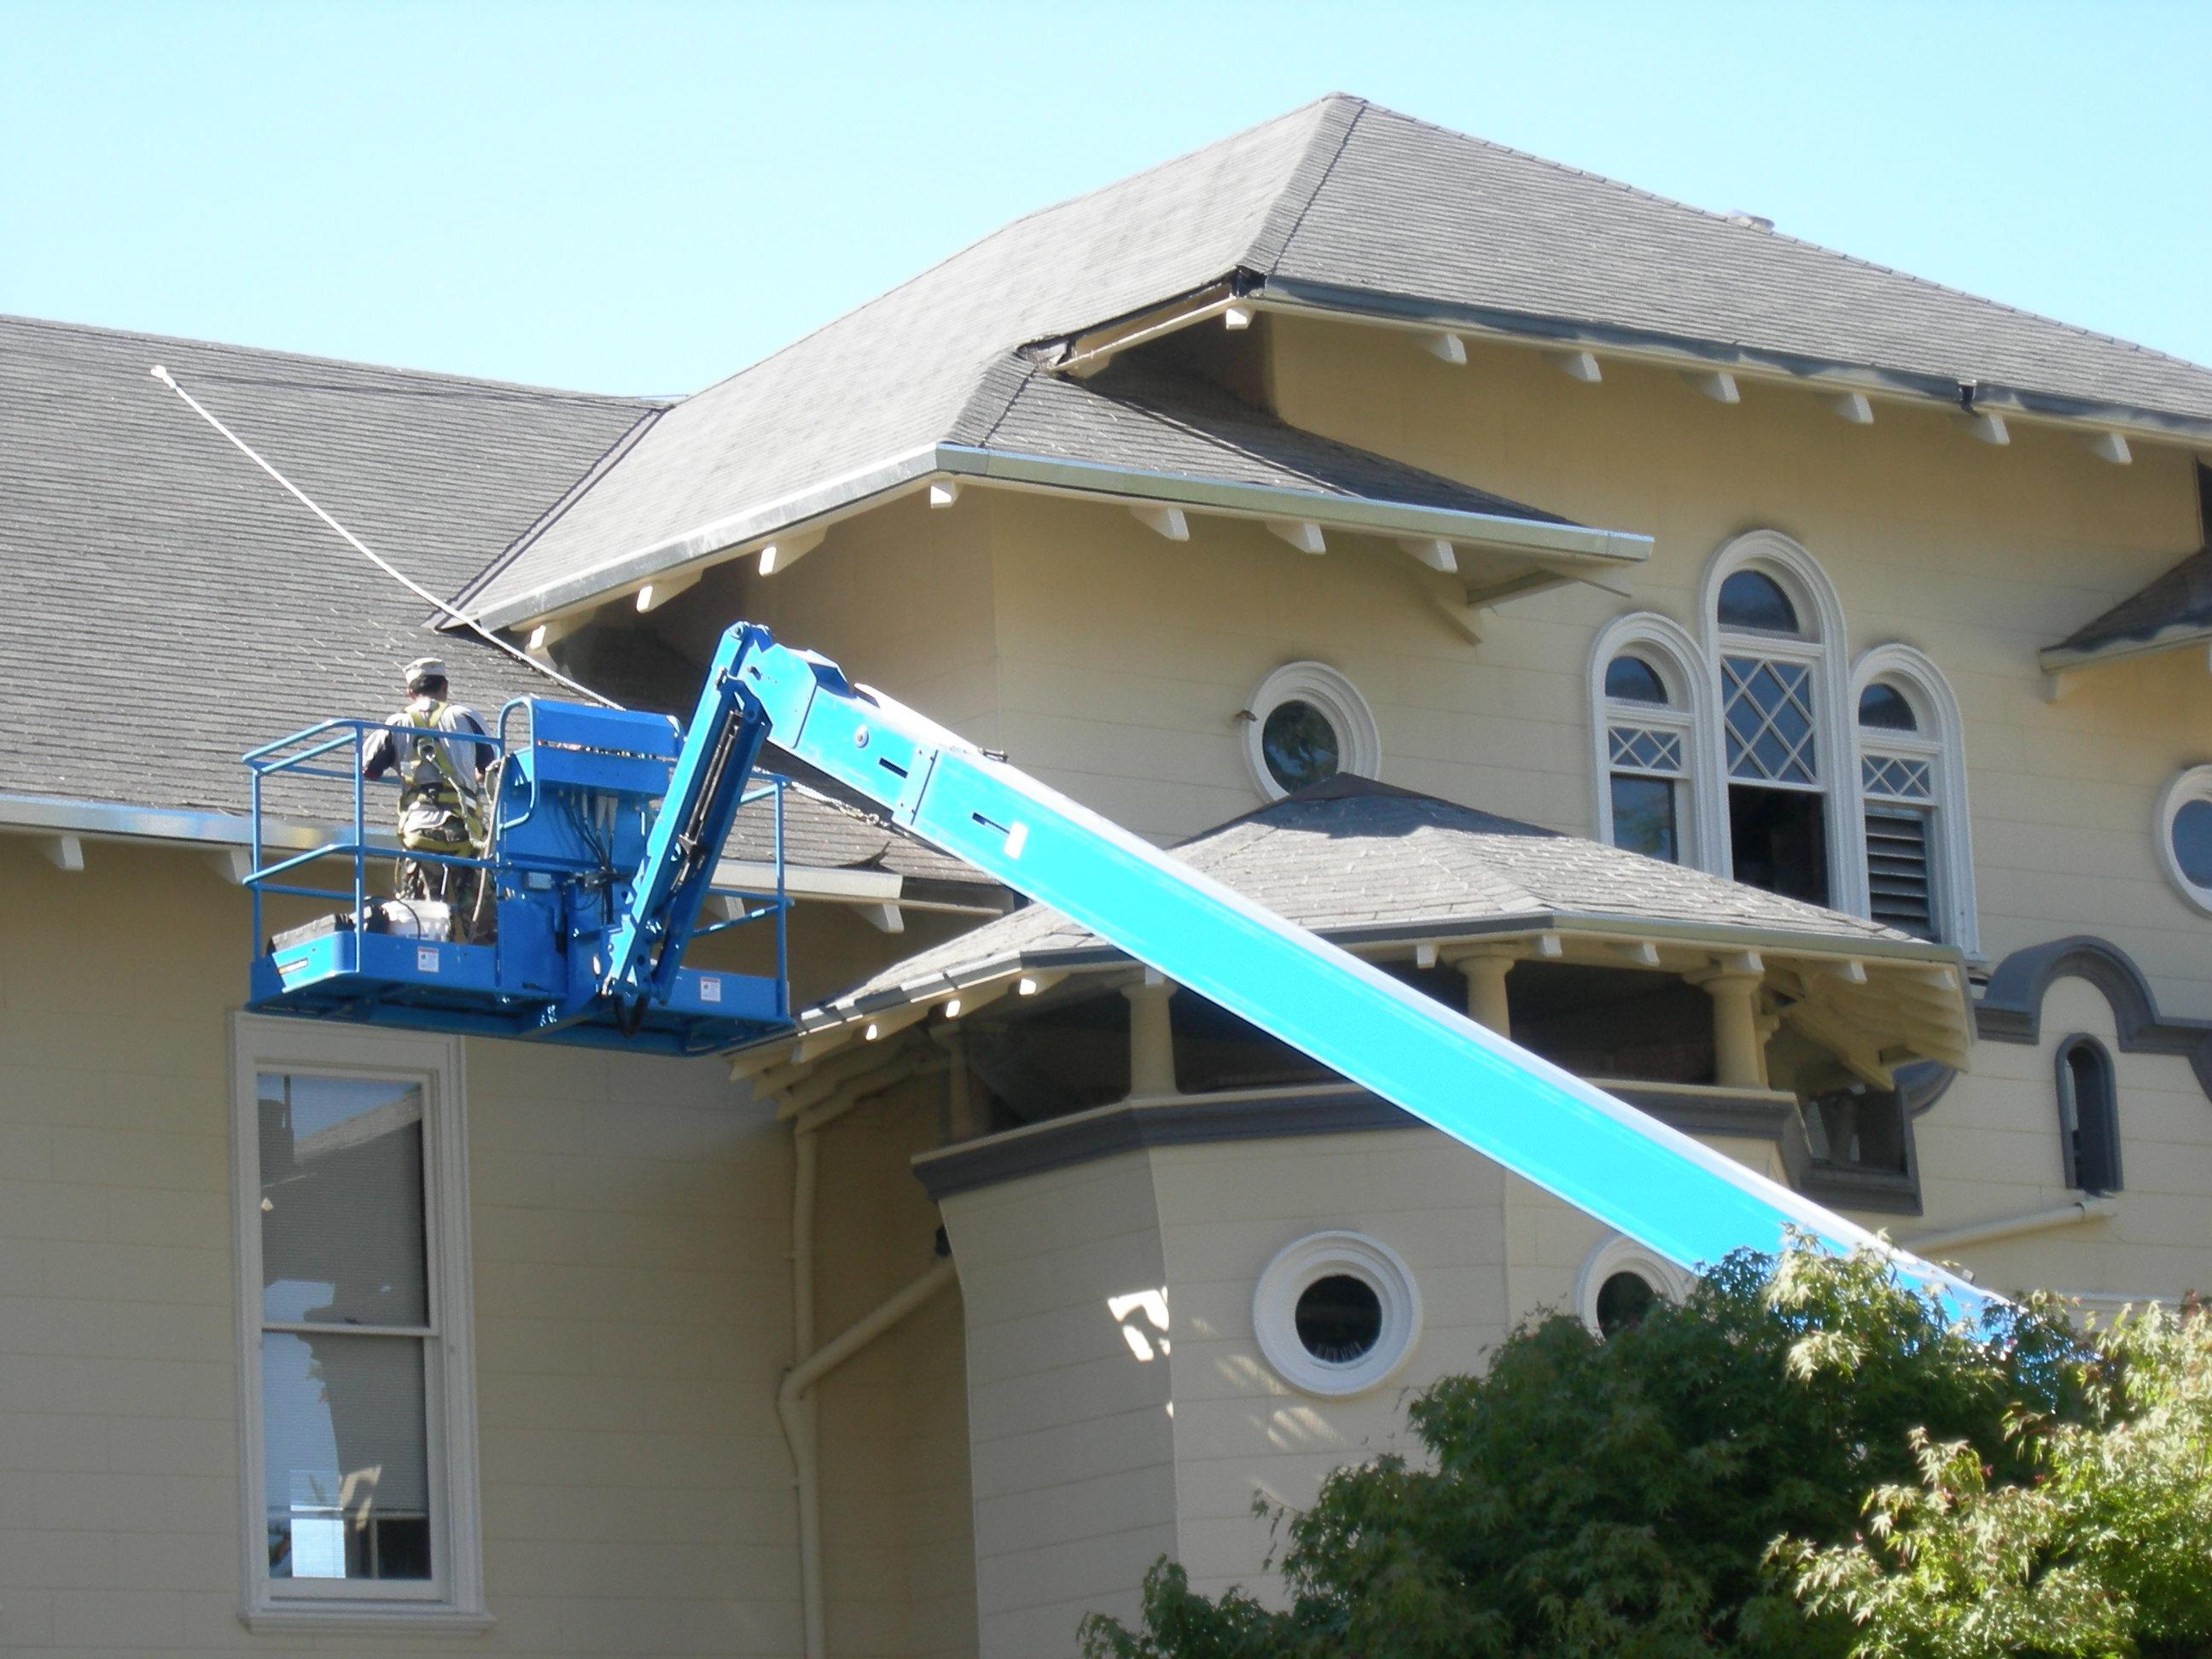 Seattle_-_old_Summit_School_roof_repairs